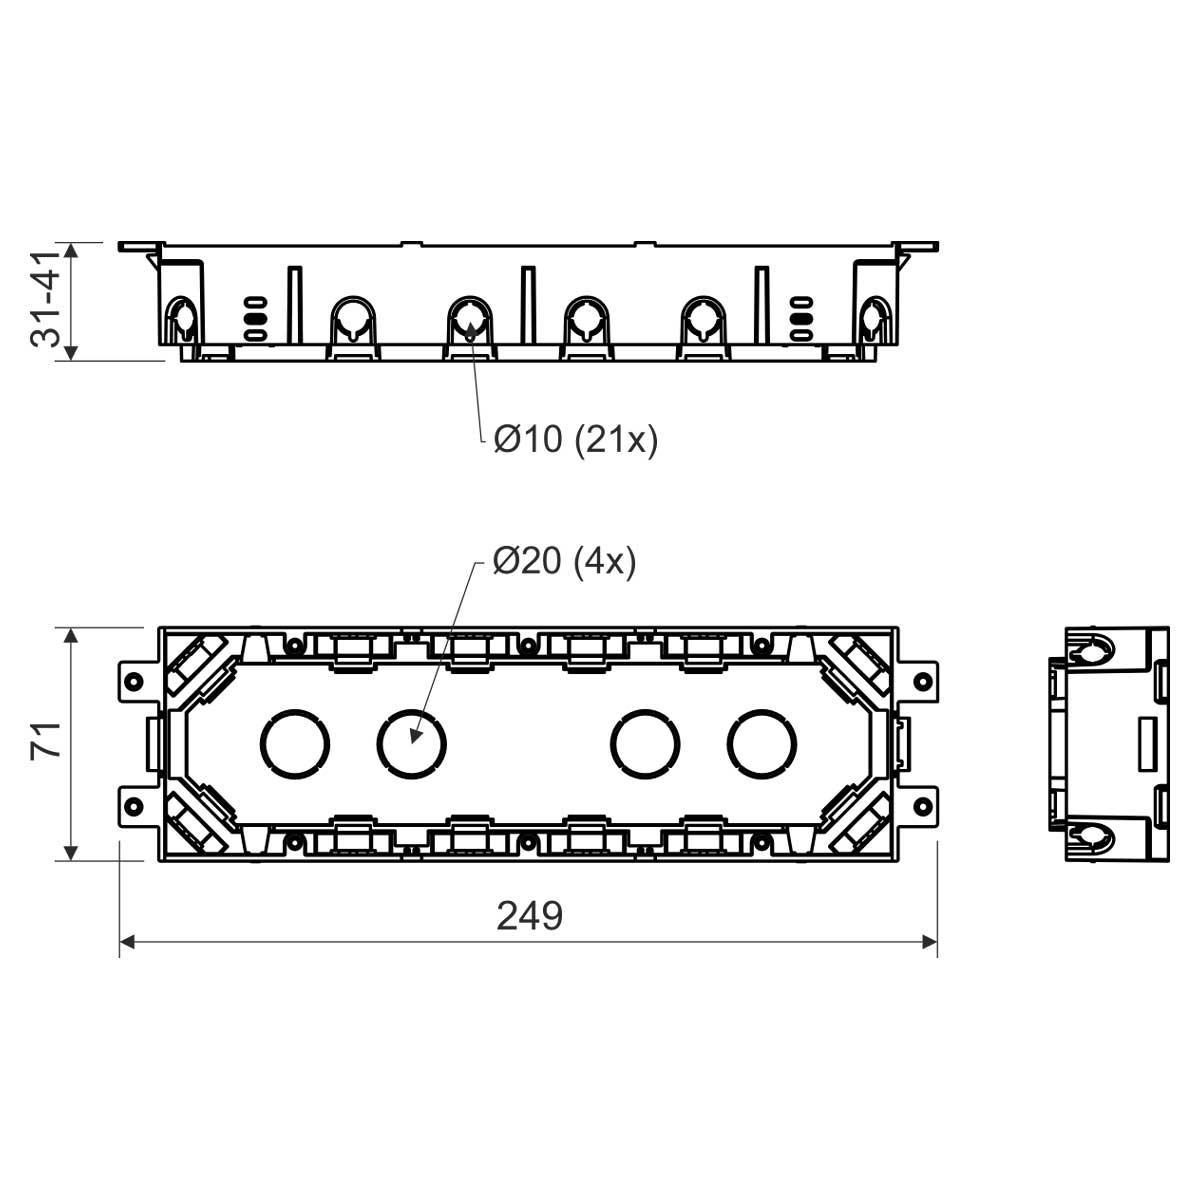 Коробка для приладів KOPOBOX 80; сіра; 71х249 мм;  для підлоги; зі змінною глиб.